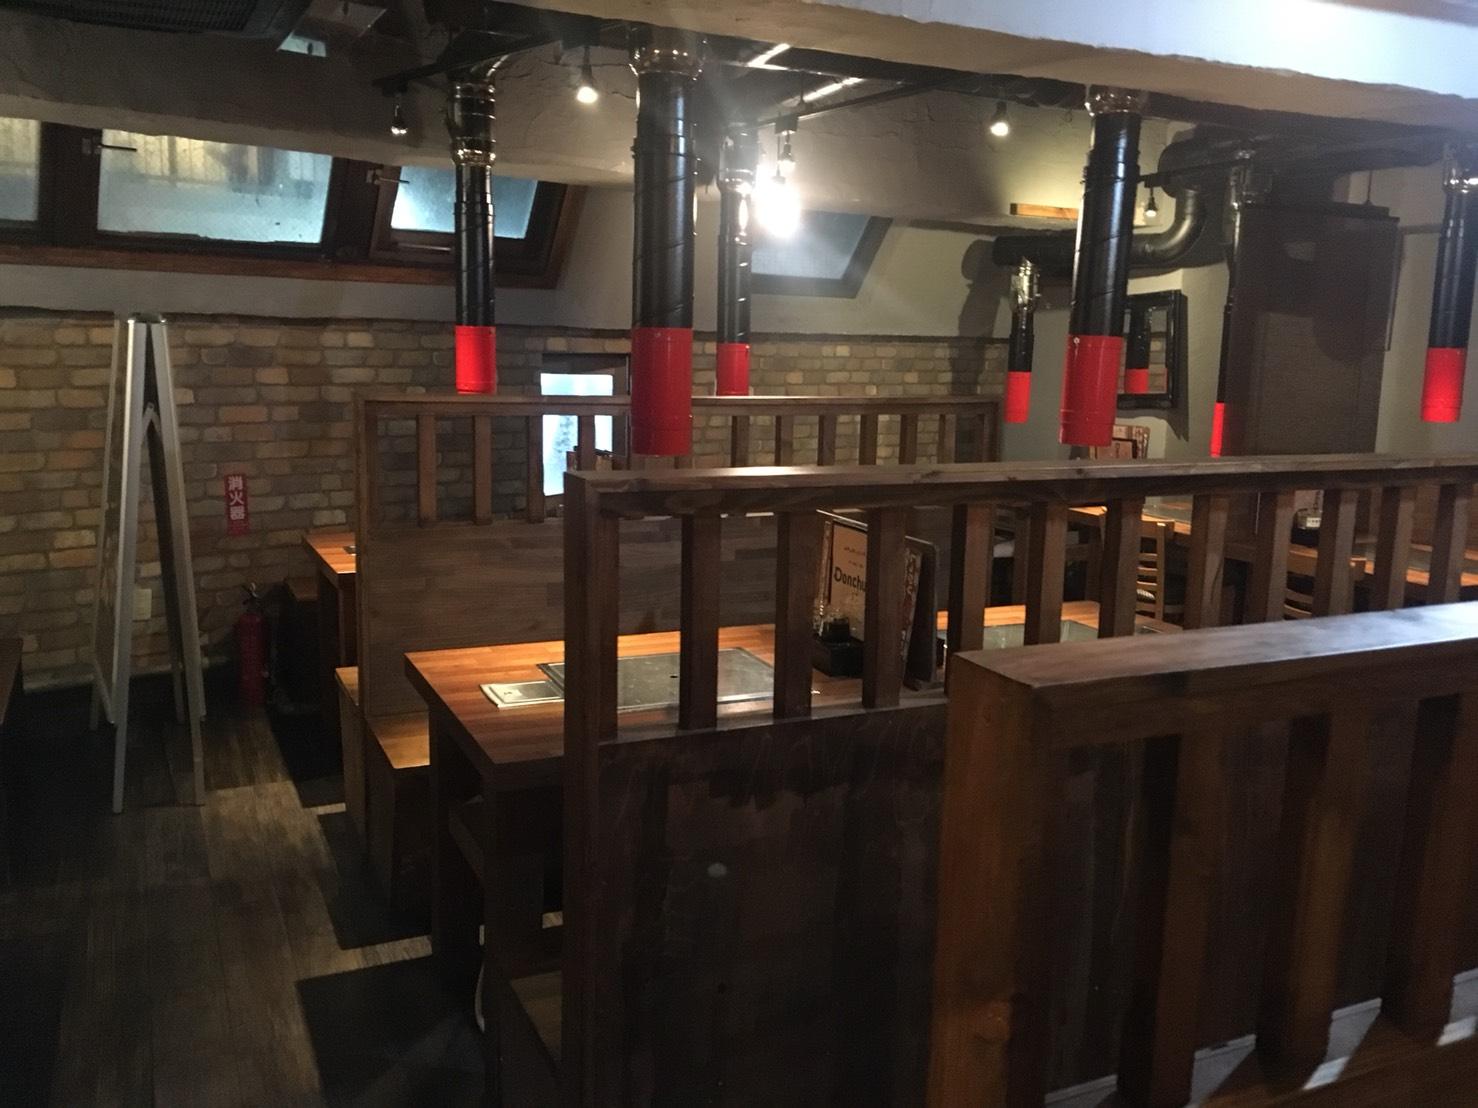 【池袋駅】学生人気高め!韓国料理1,980円食べ放題の激安!「トンチュヤ 池袋東口店」の店内